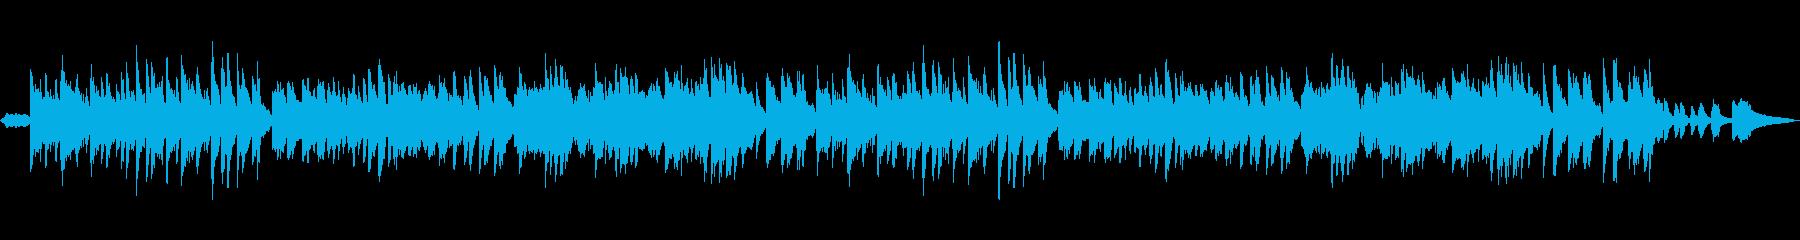 ヒーリングクラシック4-long-ピアノの再生済みの波形